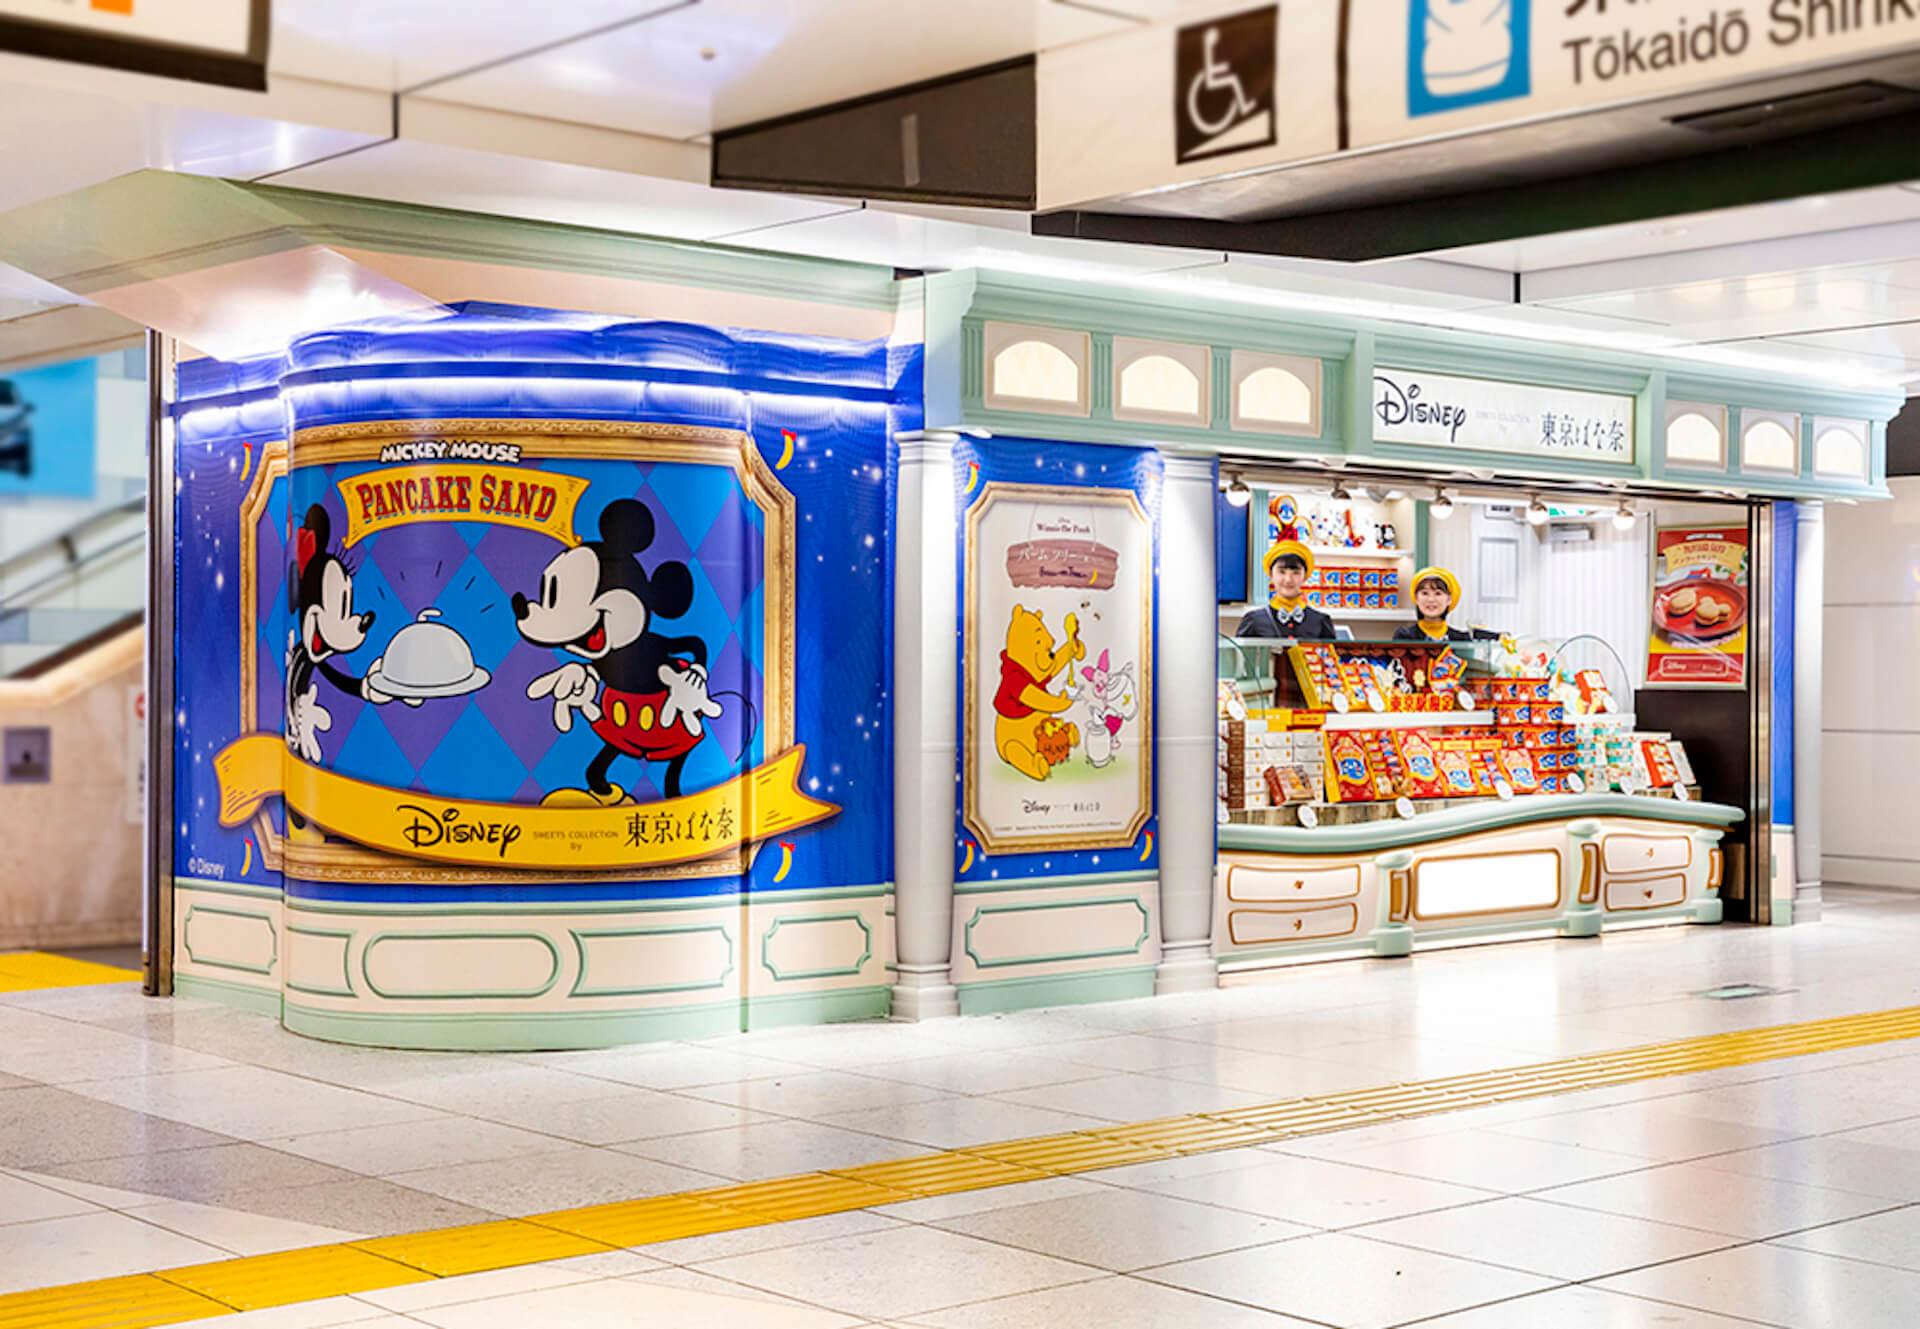 魔法使いの弟子・ミッキーが東京ばな奈に!ディズニー不朽の名作『ディズニー ファンタジア』とのコラボスイーツ第2弾が登場 gourmet201201_tokyobanana_mickey_9